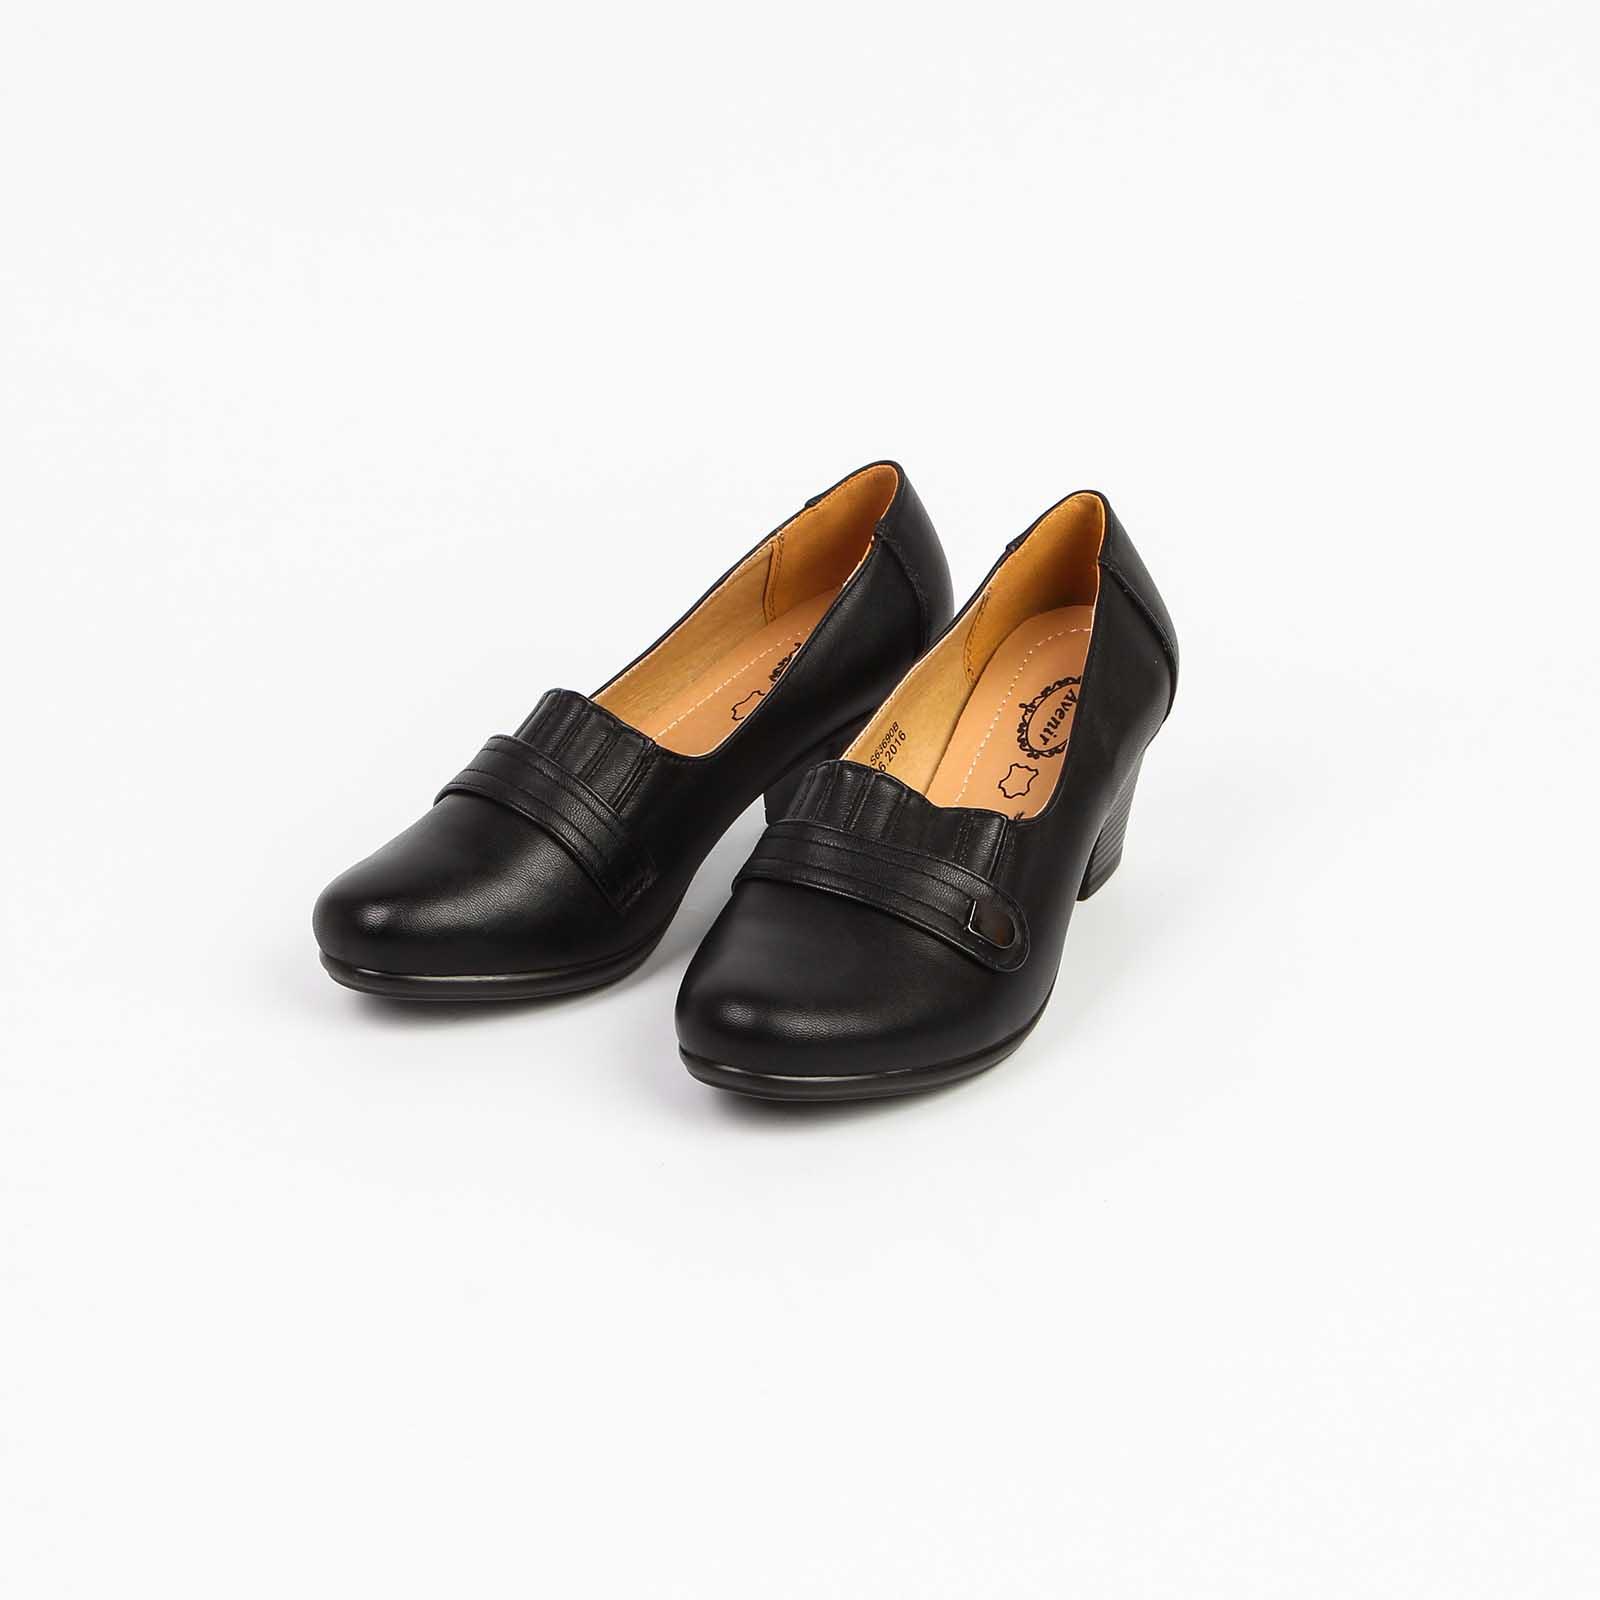 Туфли женские на среднем каблуке с декоративной застежкой на мысу